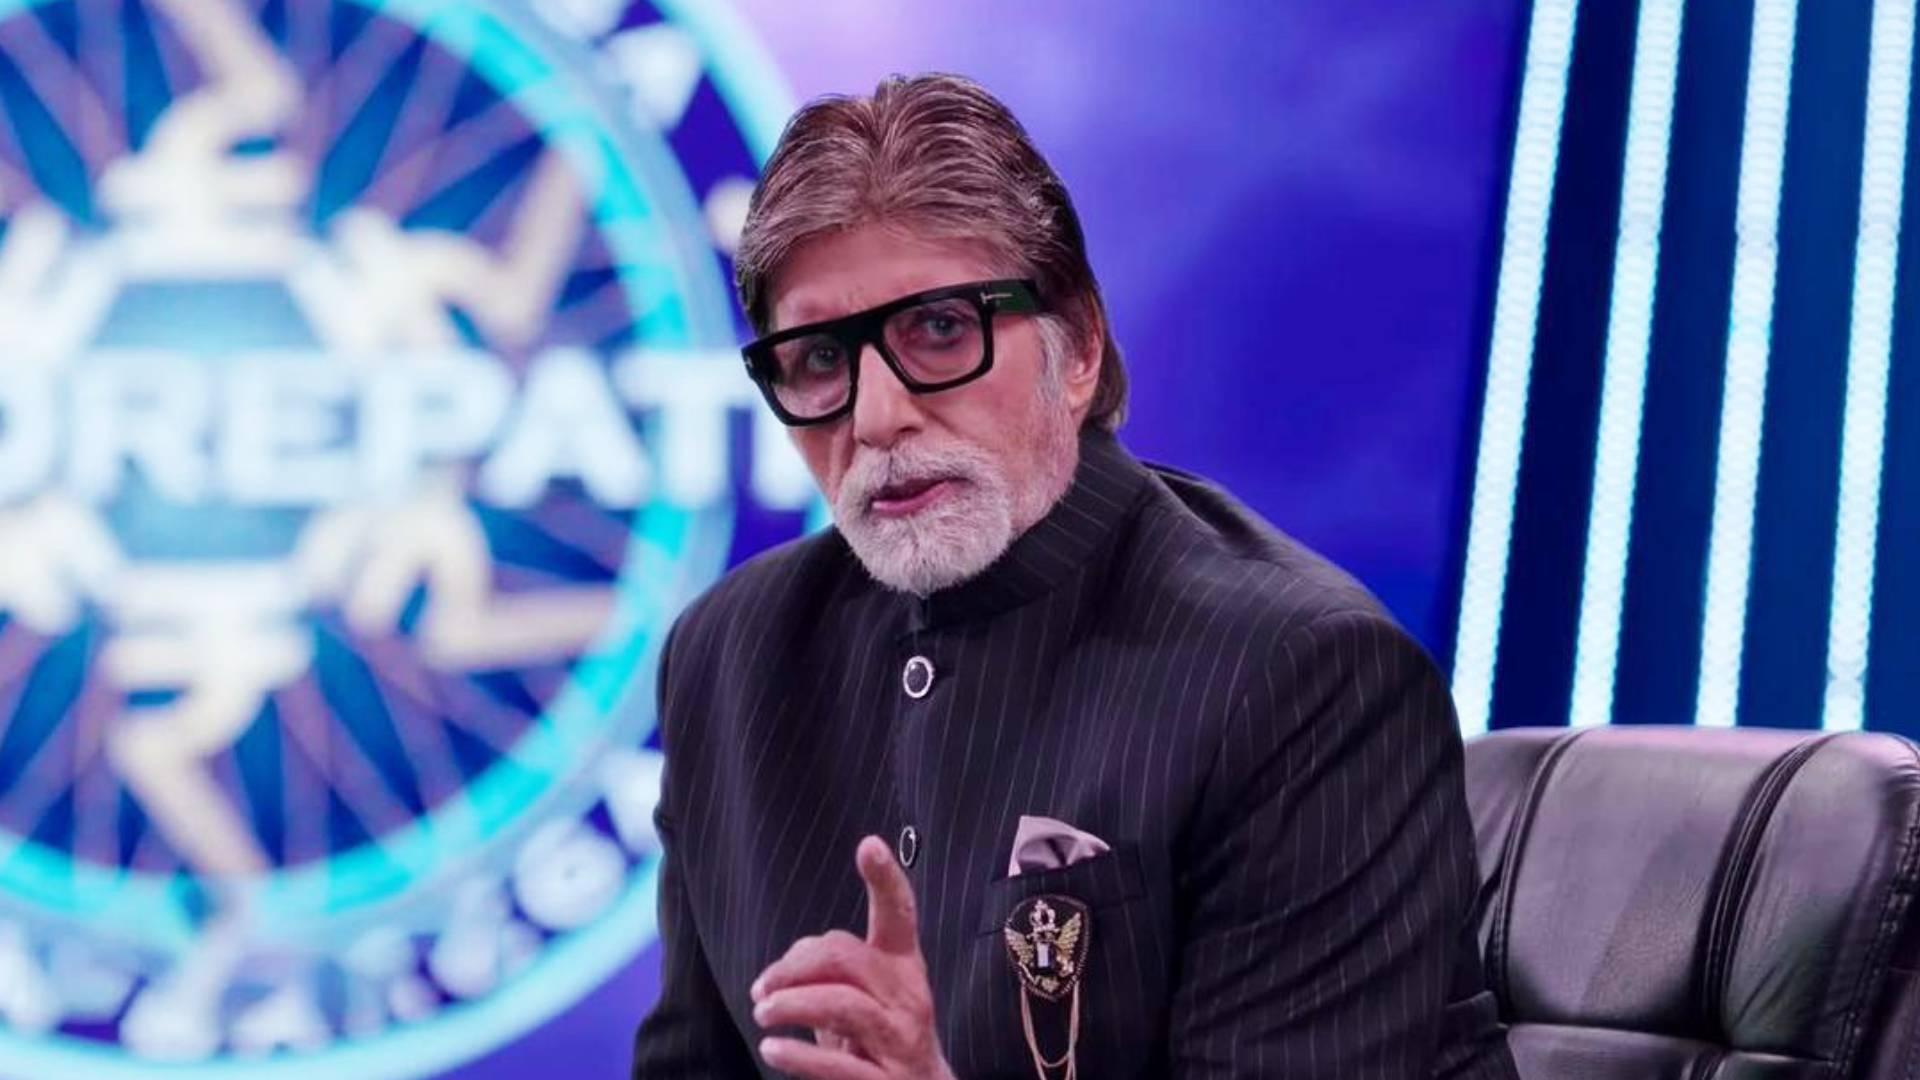 KBC11: केबीसी के सेट पर मनाया गया अमिताभ बच्चन का 77वां जन्मदिन, ये नायाब तोहफा पाकर भावुक हुए बिग बी